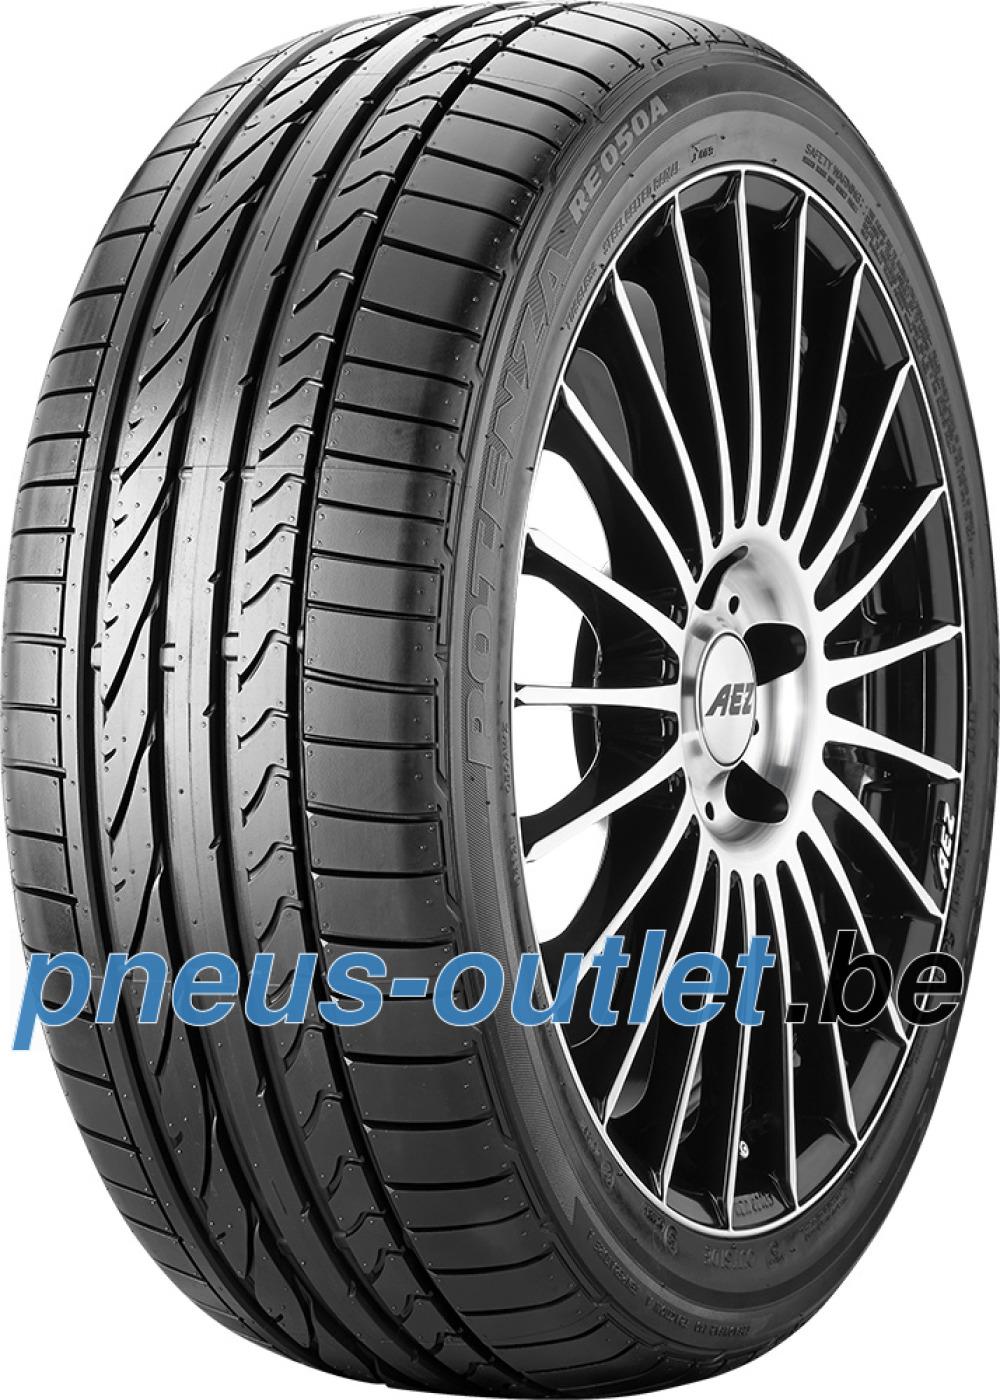 Bridgestone Potenza RE 050 A ( 265/35 R19 94Y )